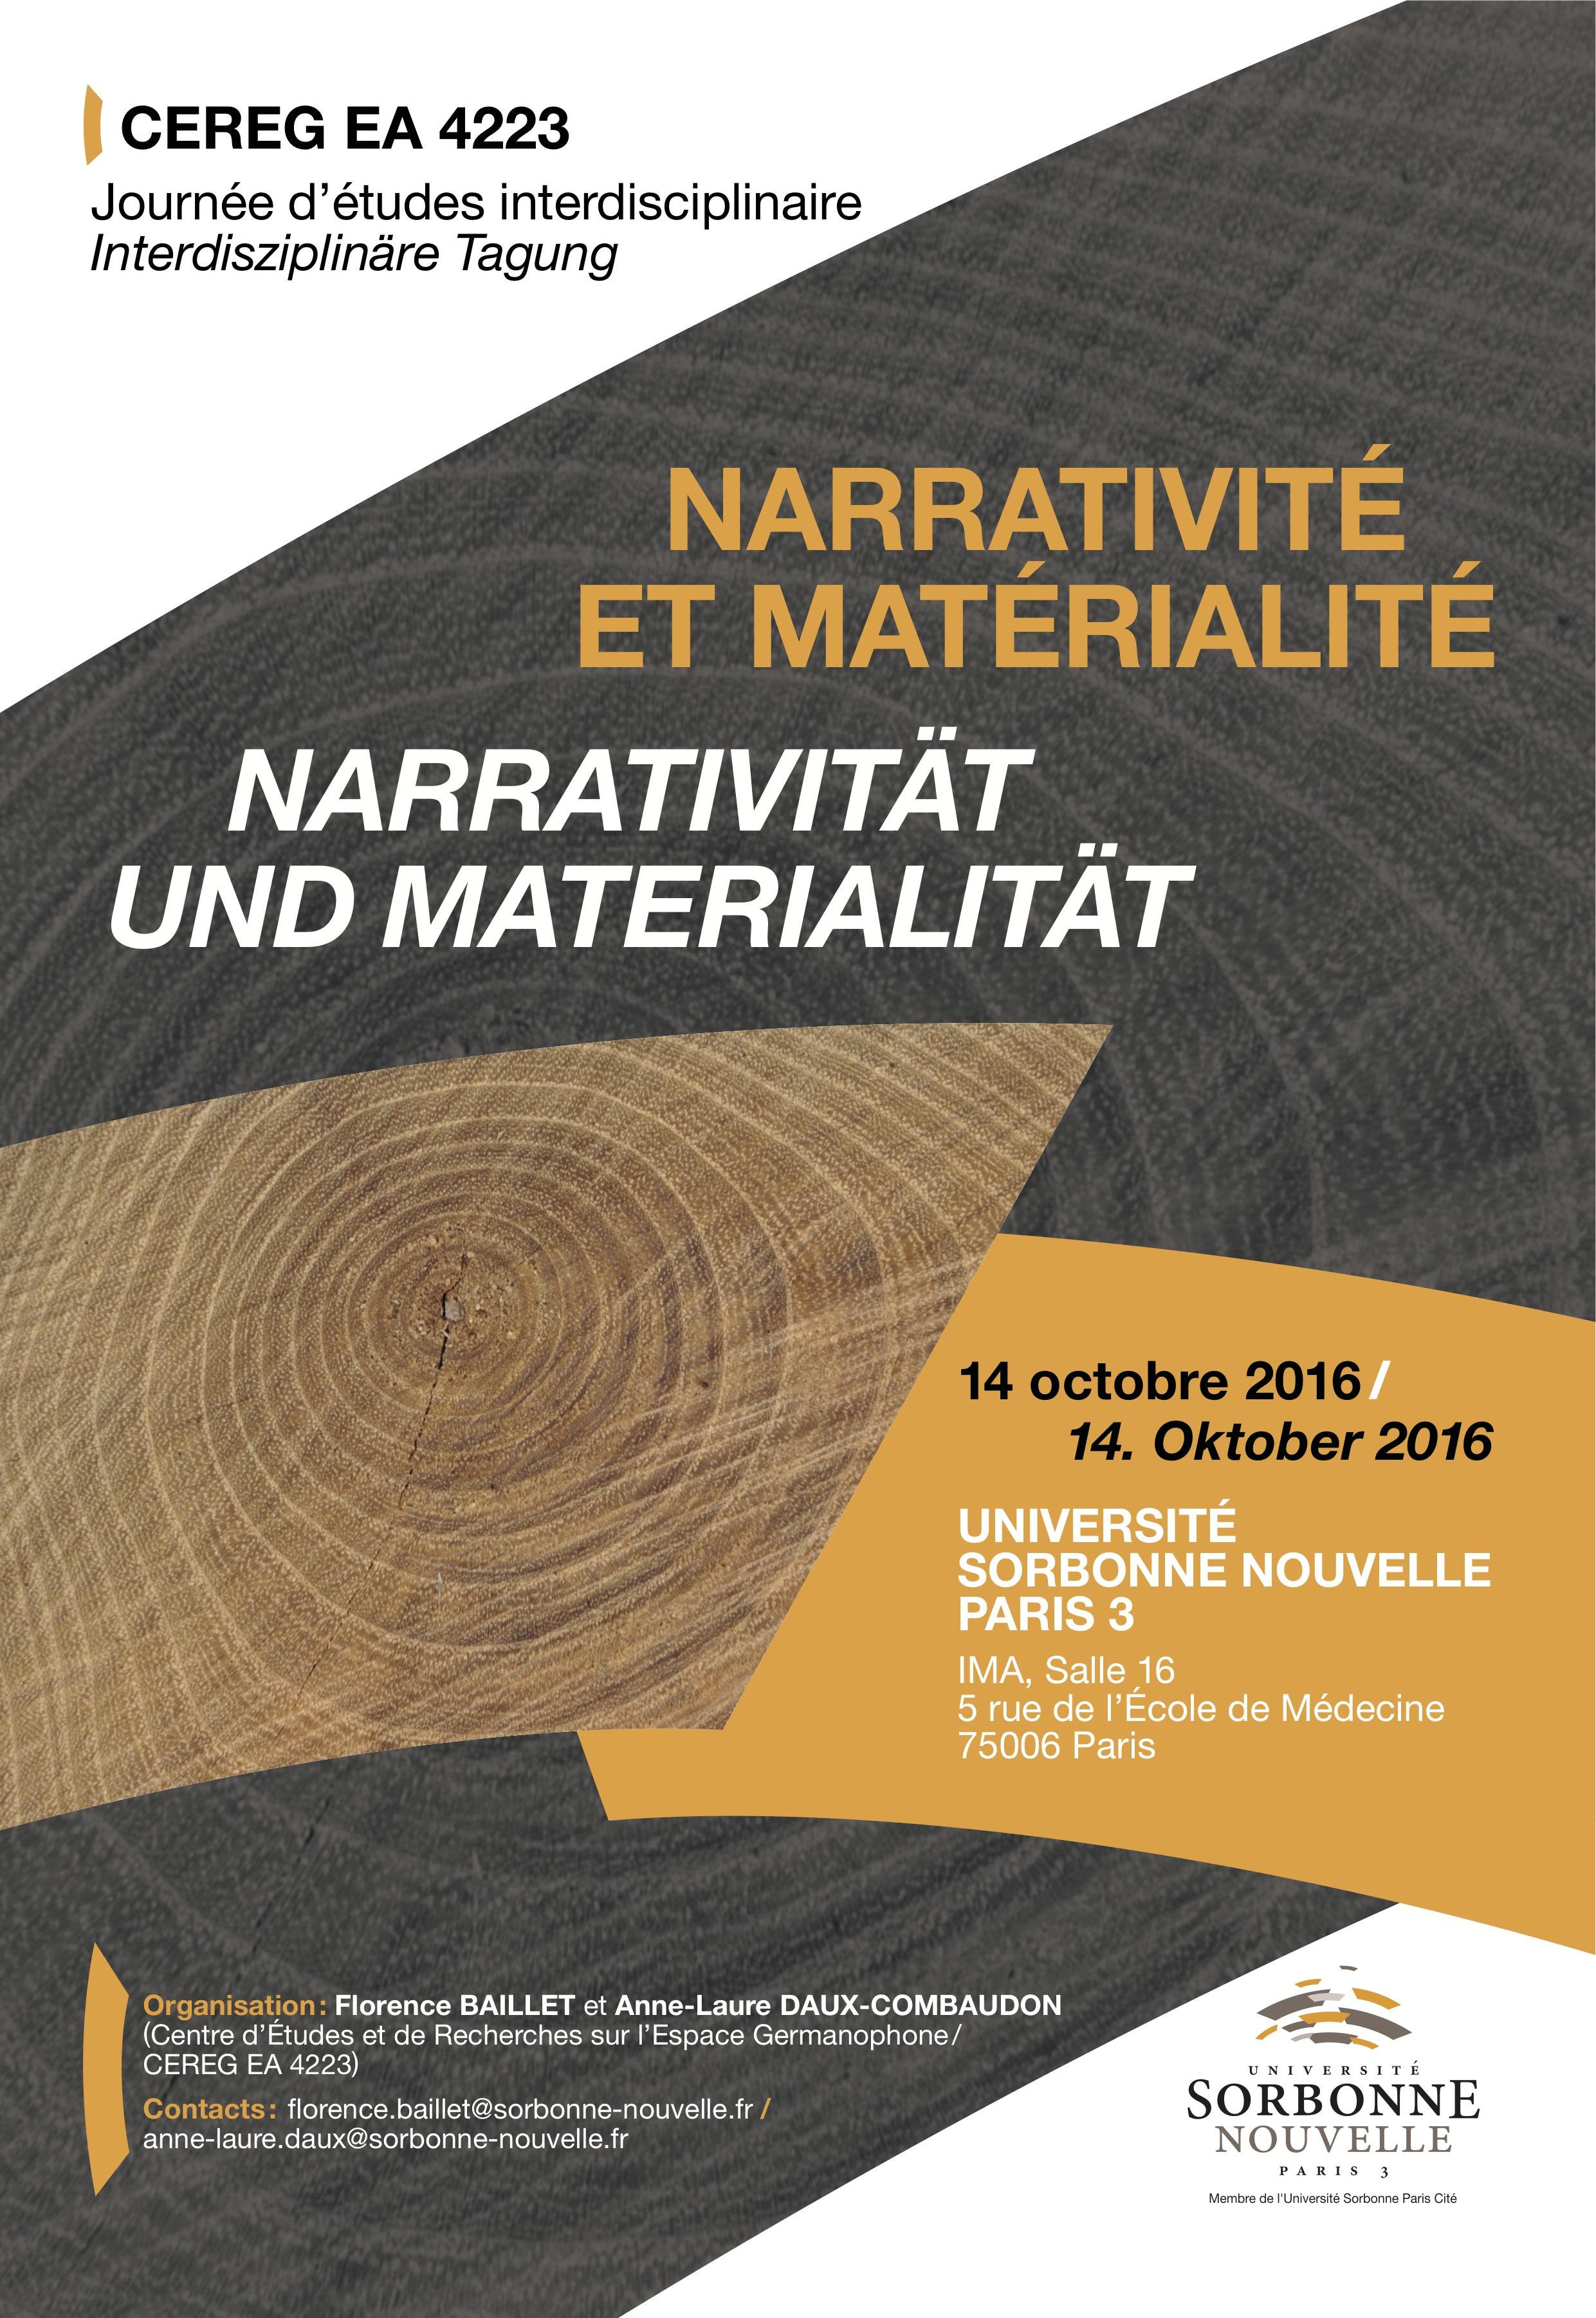 Affiche Narrativité et matérialité